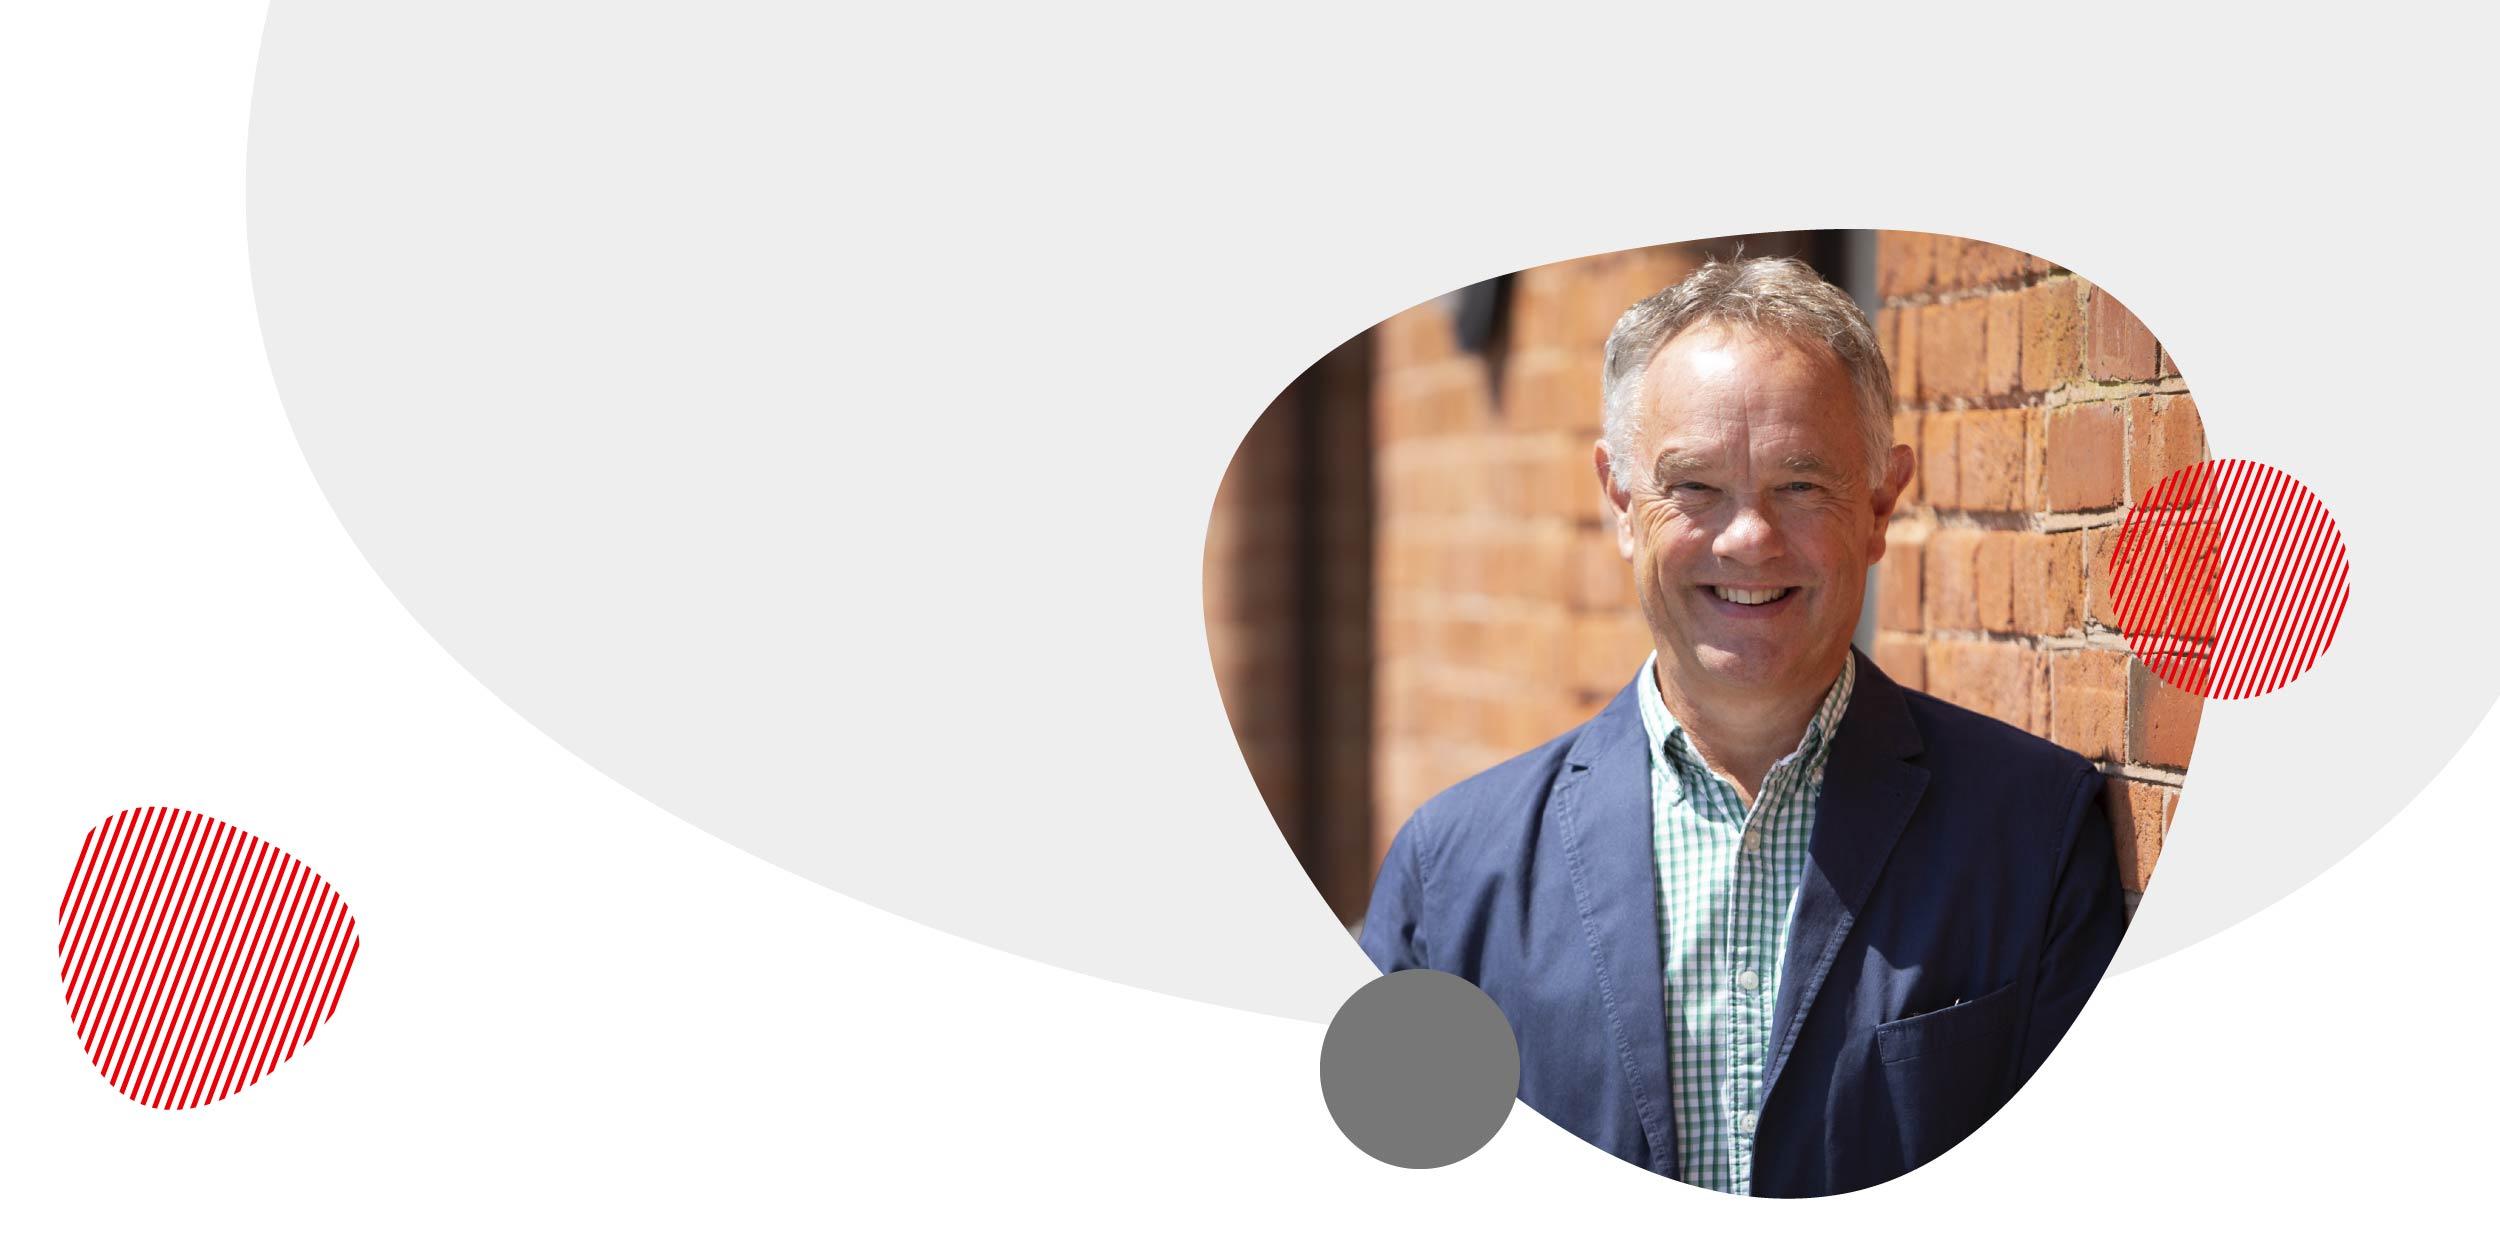 https://robertcamp.co.uk/wp-content/uploads/2020/07/Slide2-Robert-Camp-Consultancy.jpg